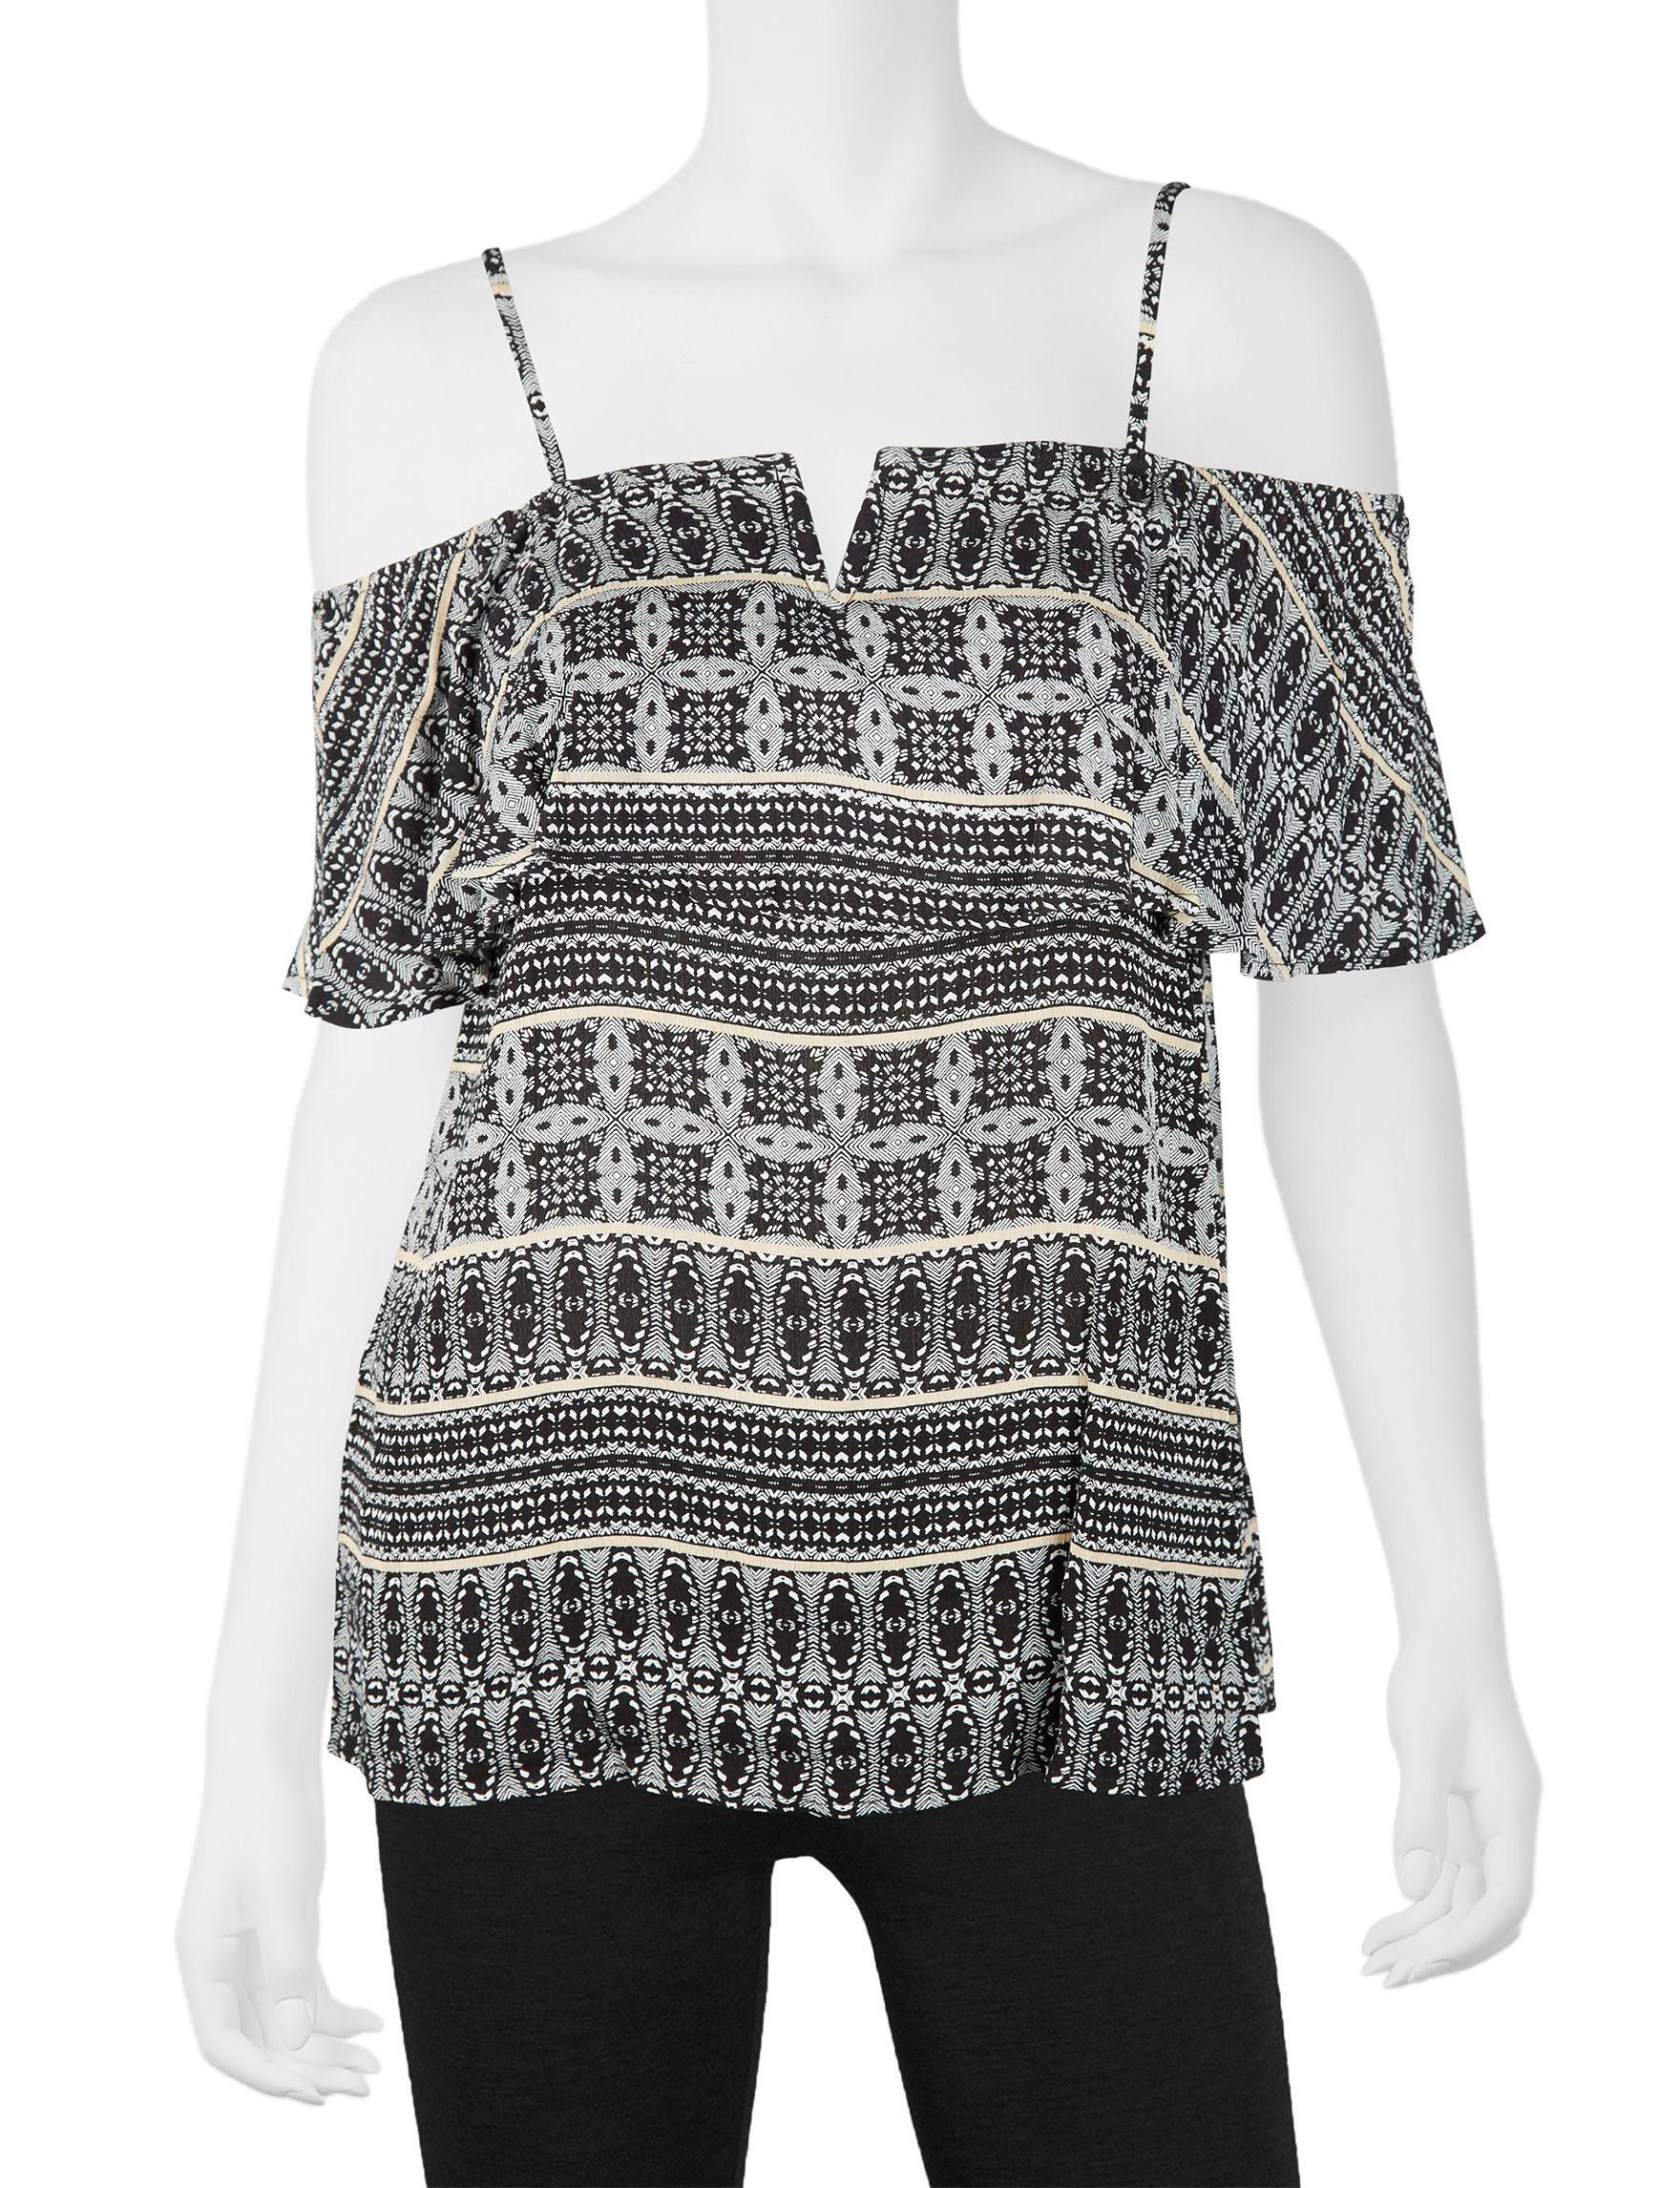 A. Byer Black / White Shirts & Blouses